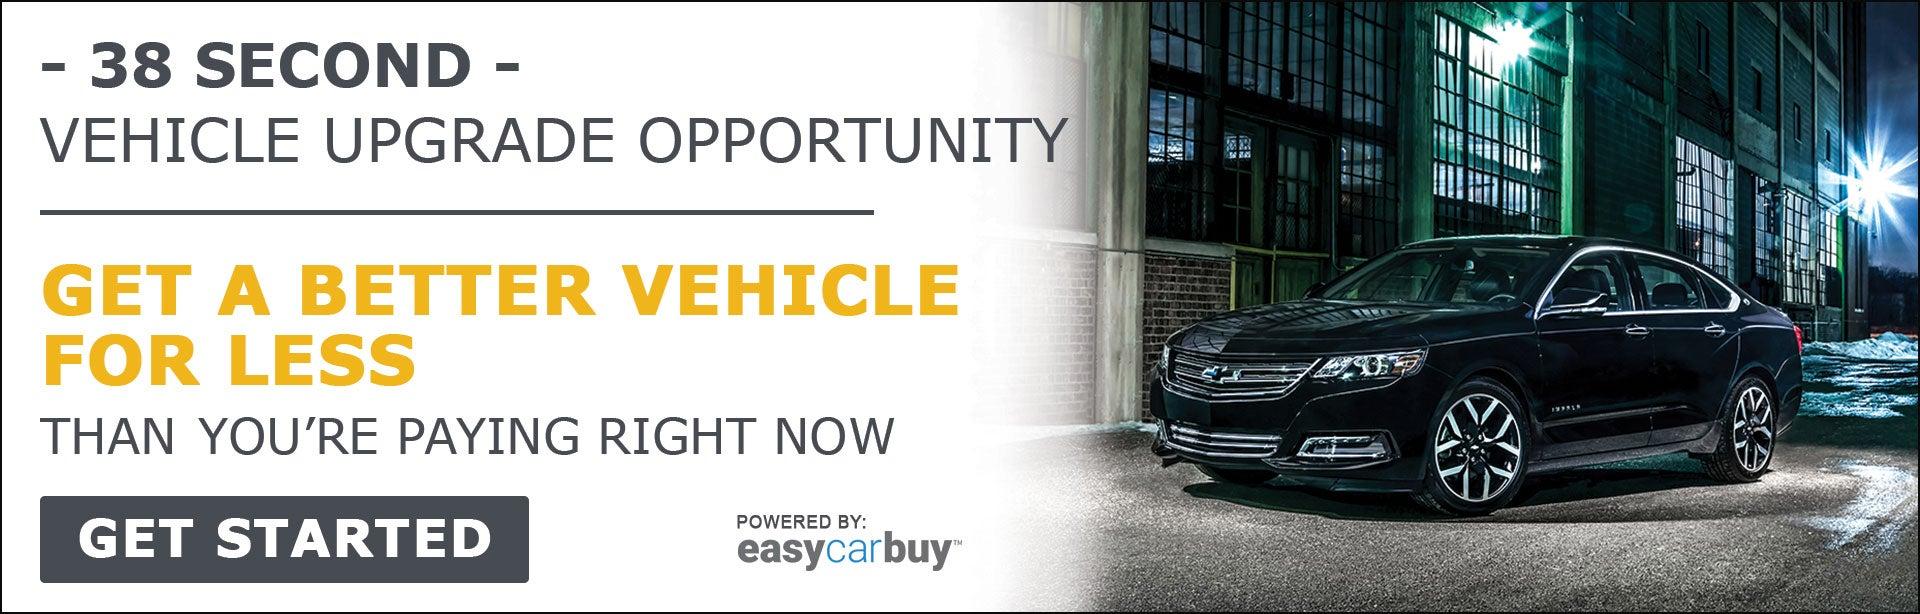 Chevrolet Dealer Lansing MI | Feldman Chevrolet of Lansing